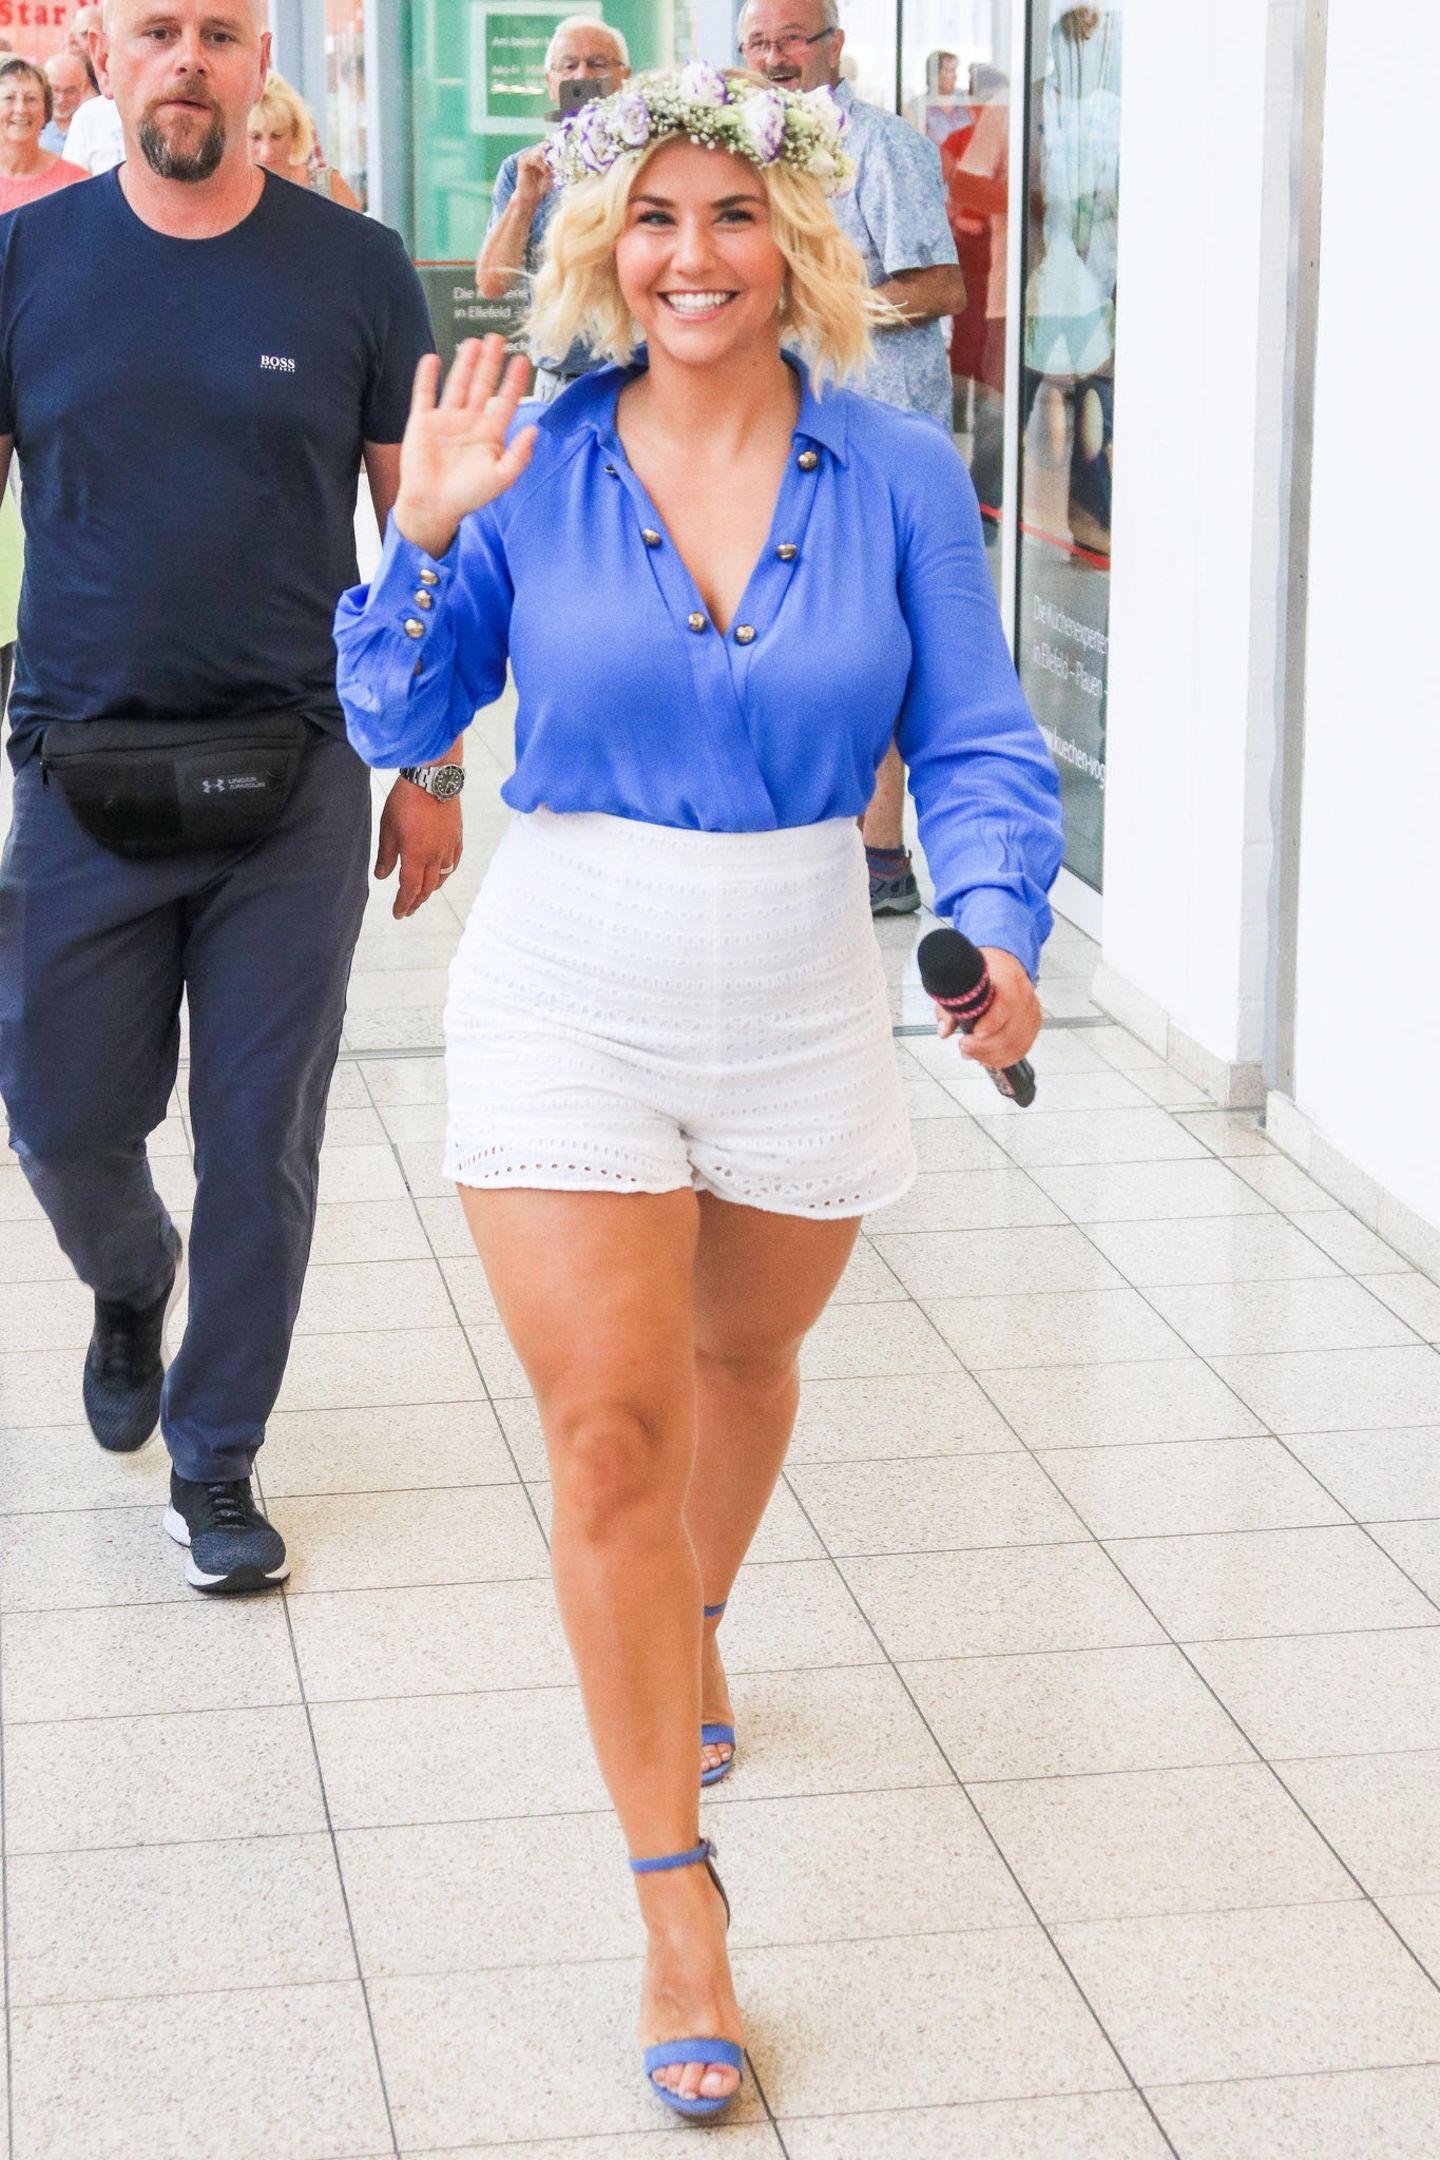 Mit einem strahlenden Lächeln trifft Schlagerstar Beatrice Egli bei einer Autogrammstunde ein. Die Blondine trägt eine weiße, kurze High-Waist-Shorts in Kombination mit einer knalligen, blauen Bluse und farblich abgestimmten Sandalen. Ein Look, der ihre Kurven perfekt in Szene setzt ...